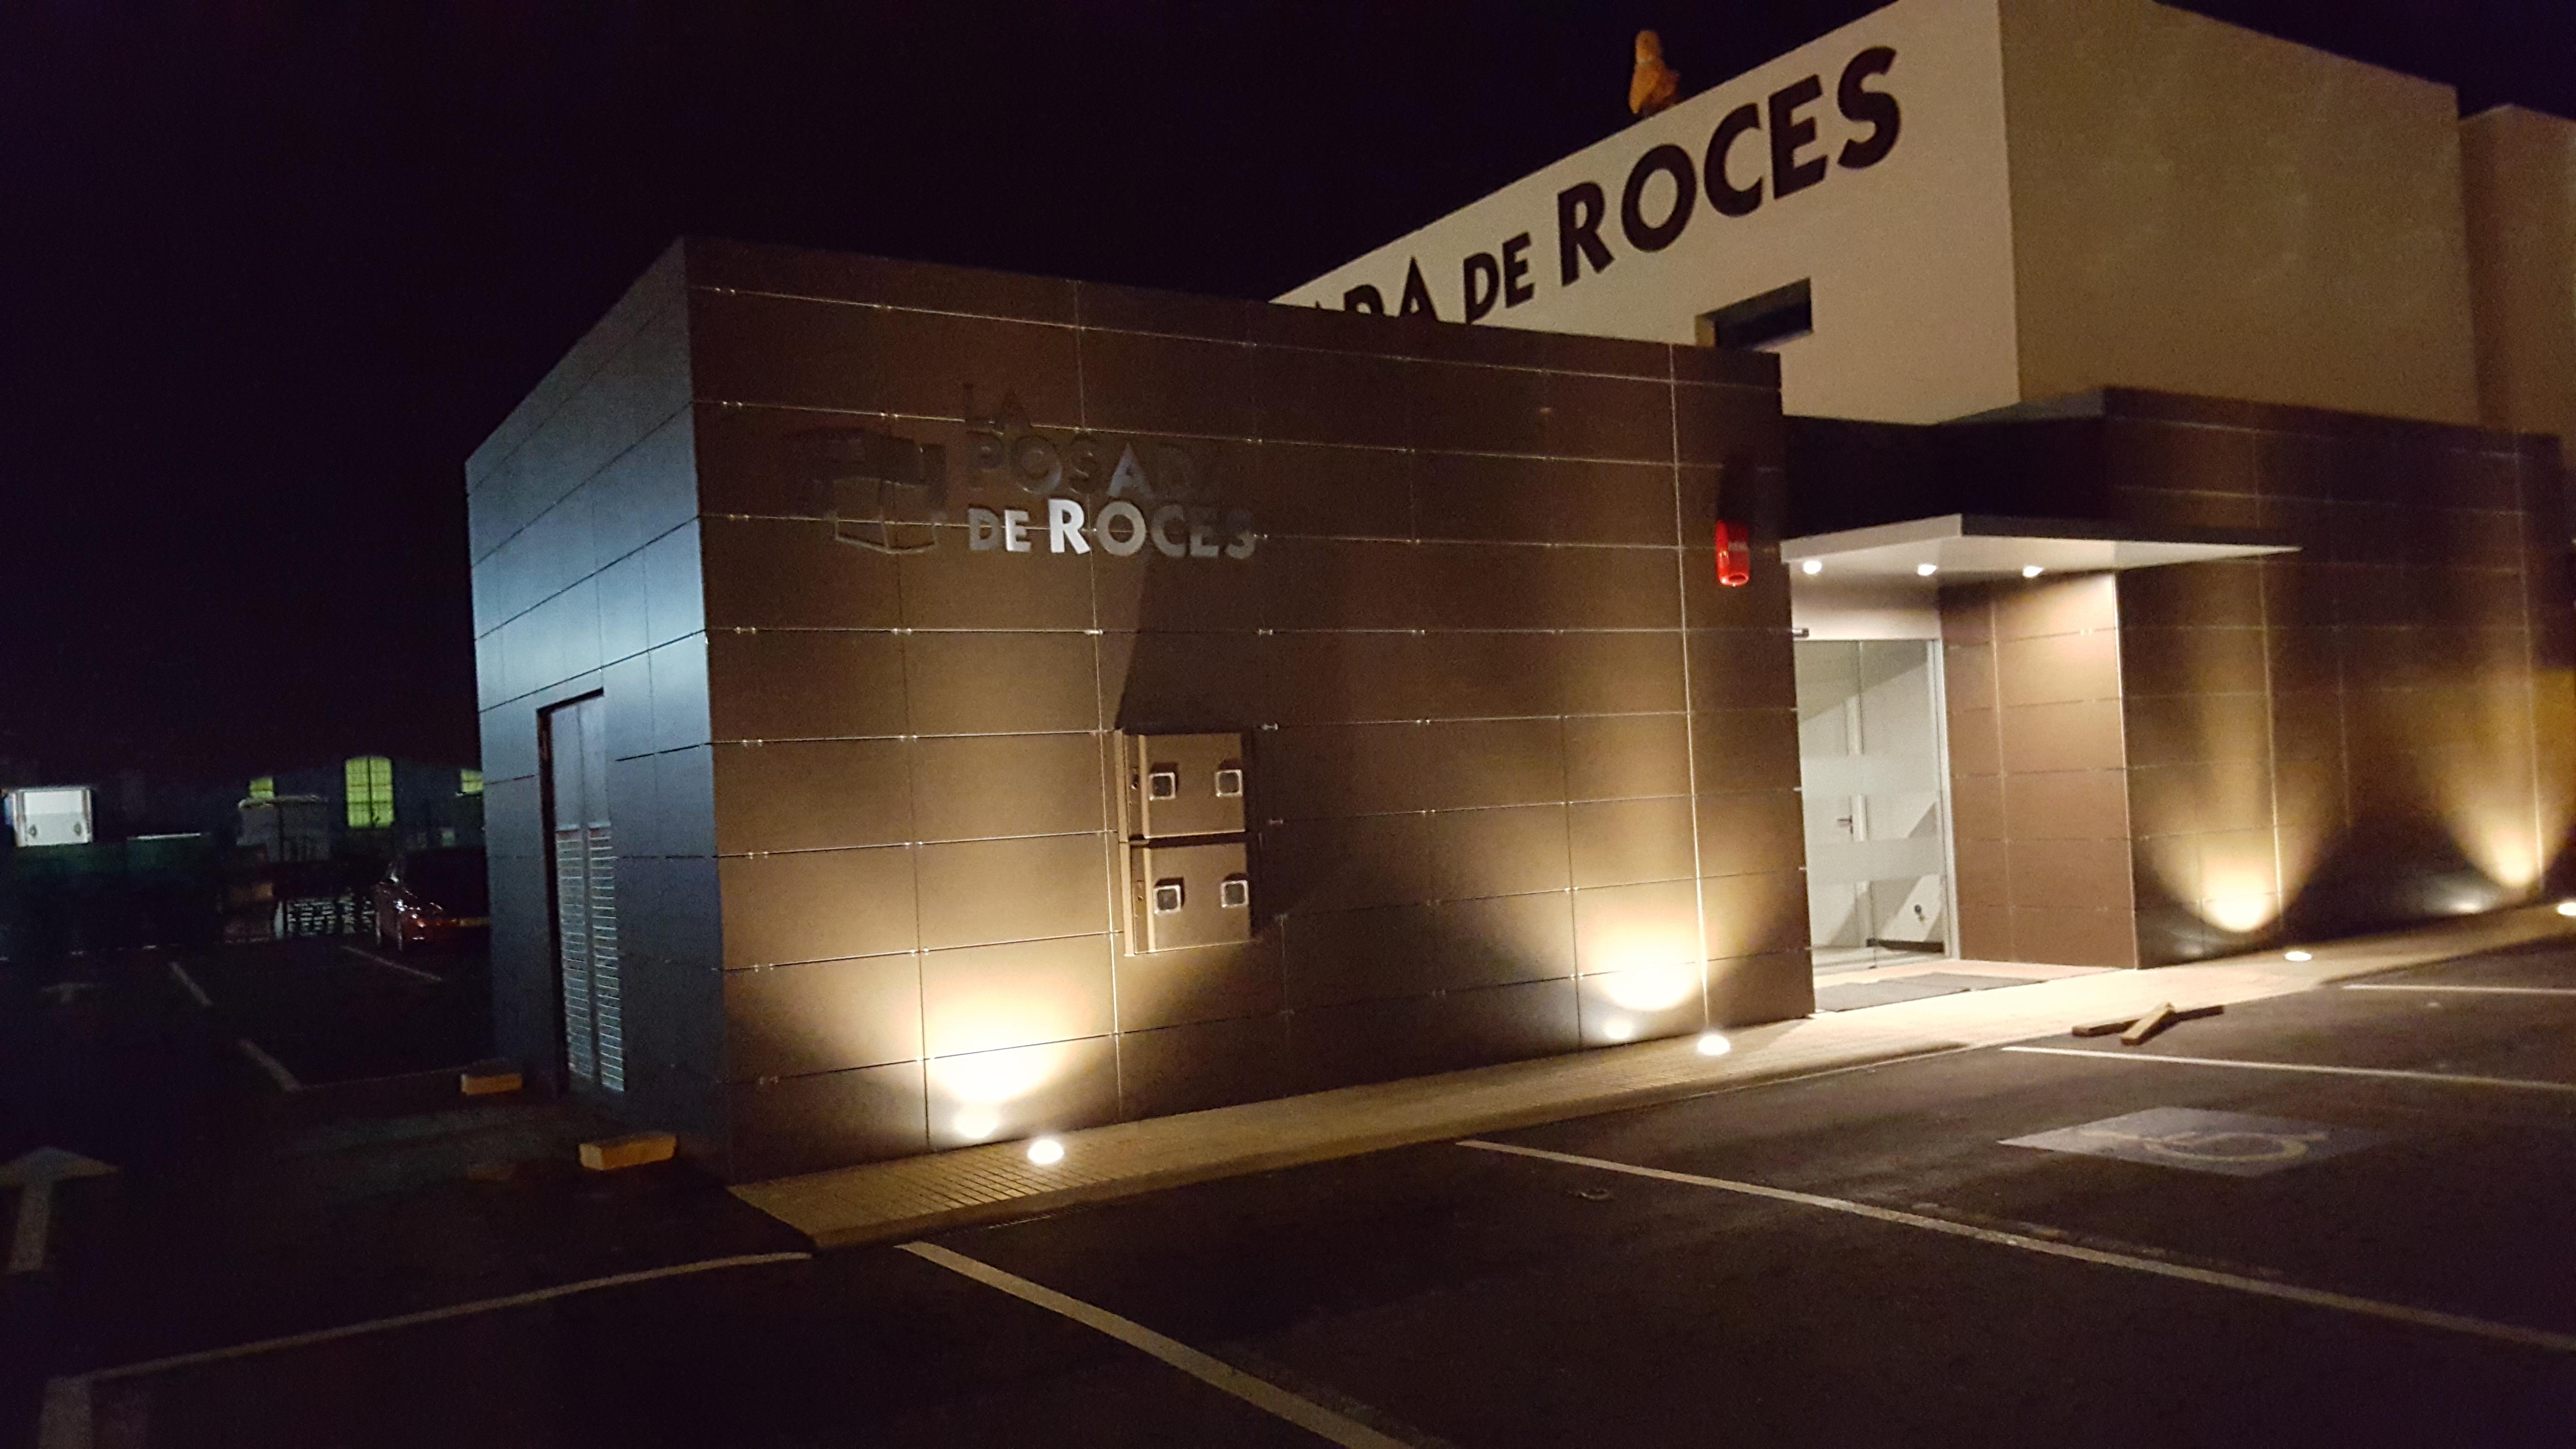 Hotel Posada de Roces - De Noche